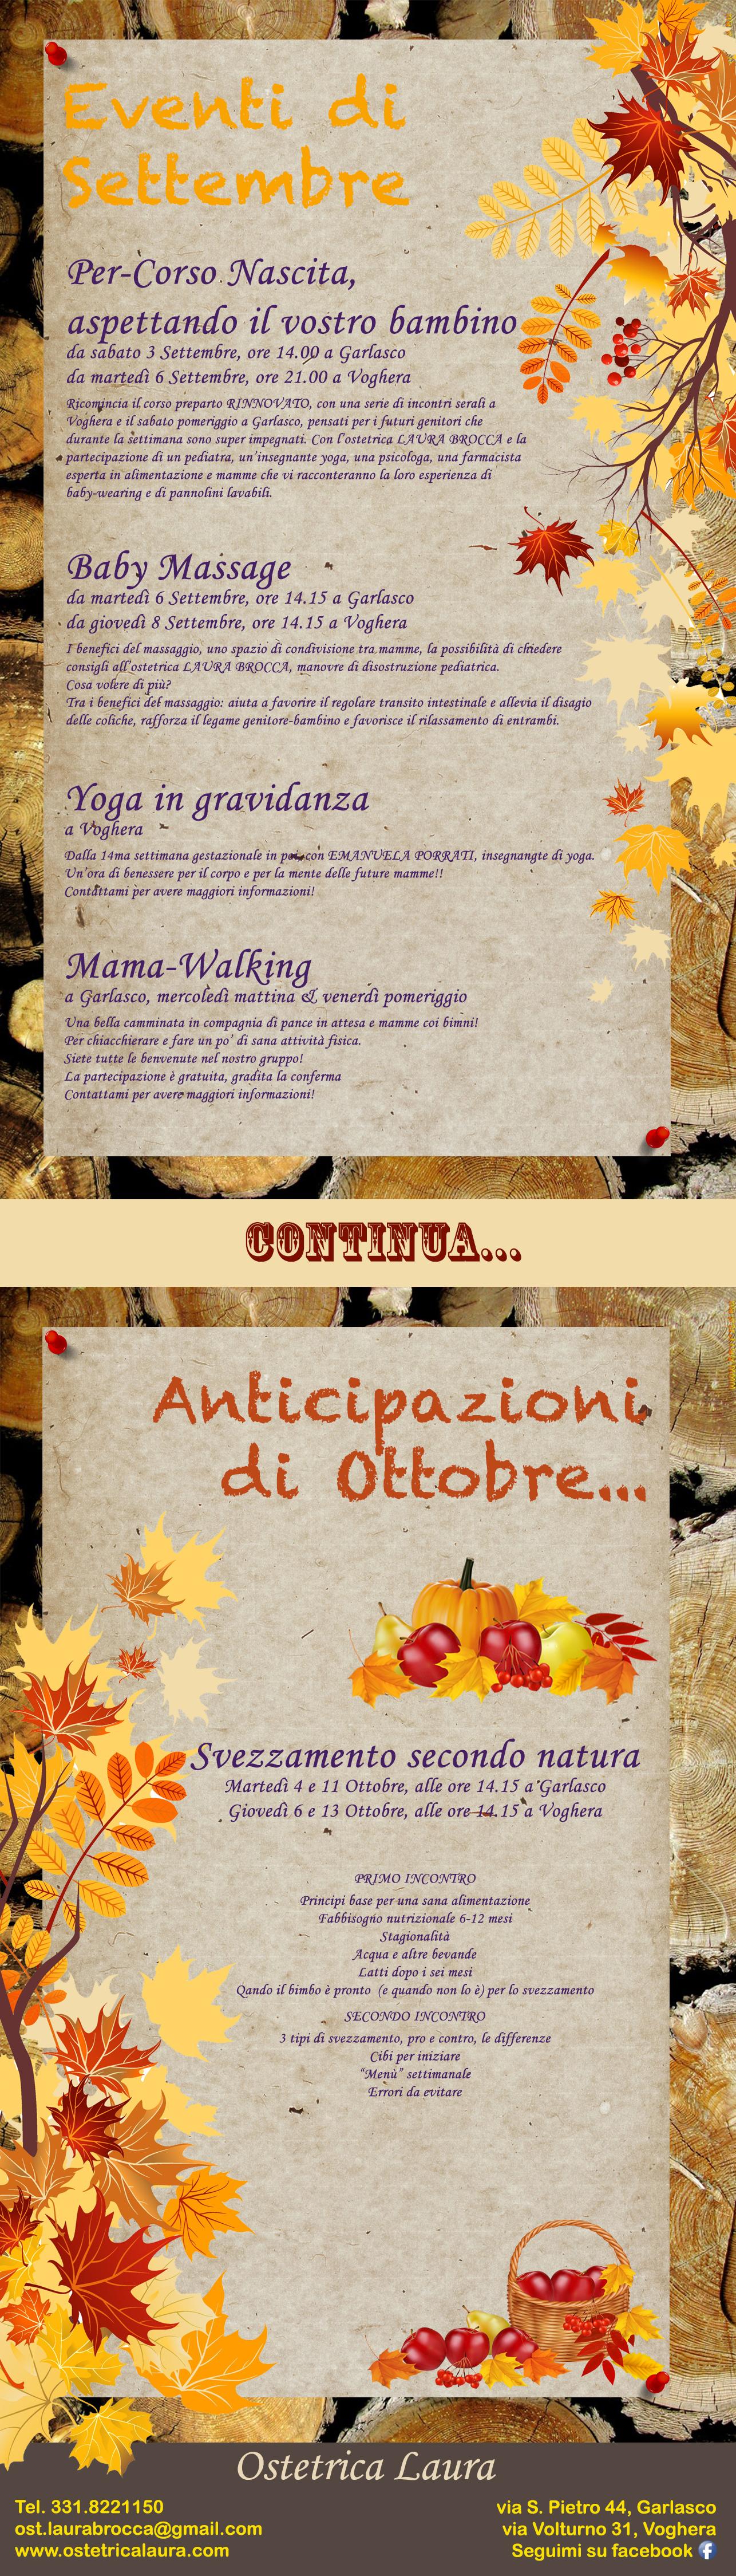 eventi_settembre